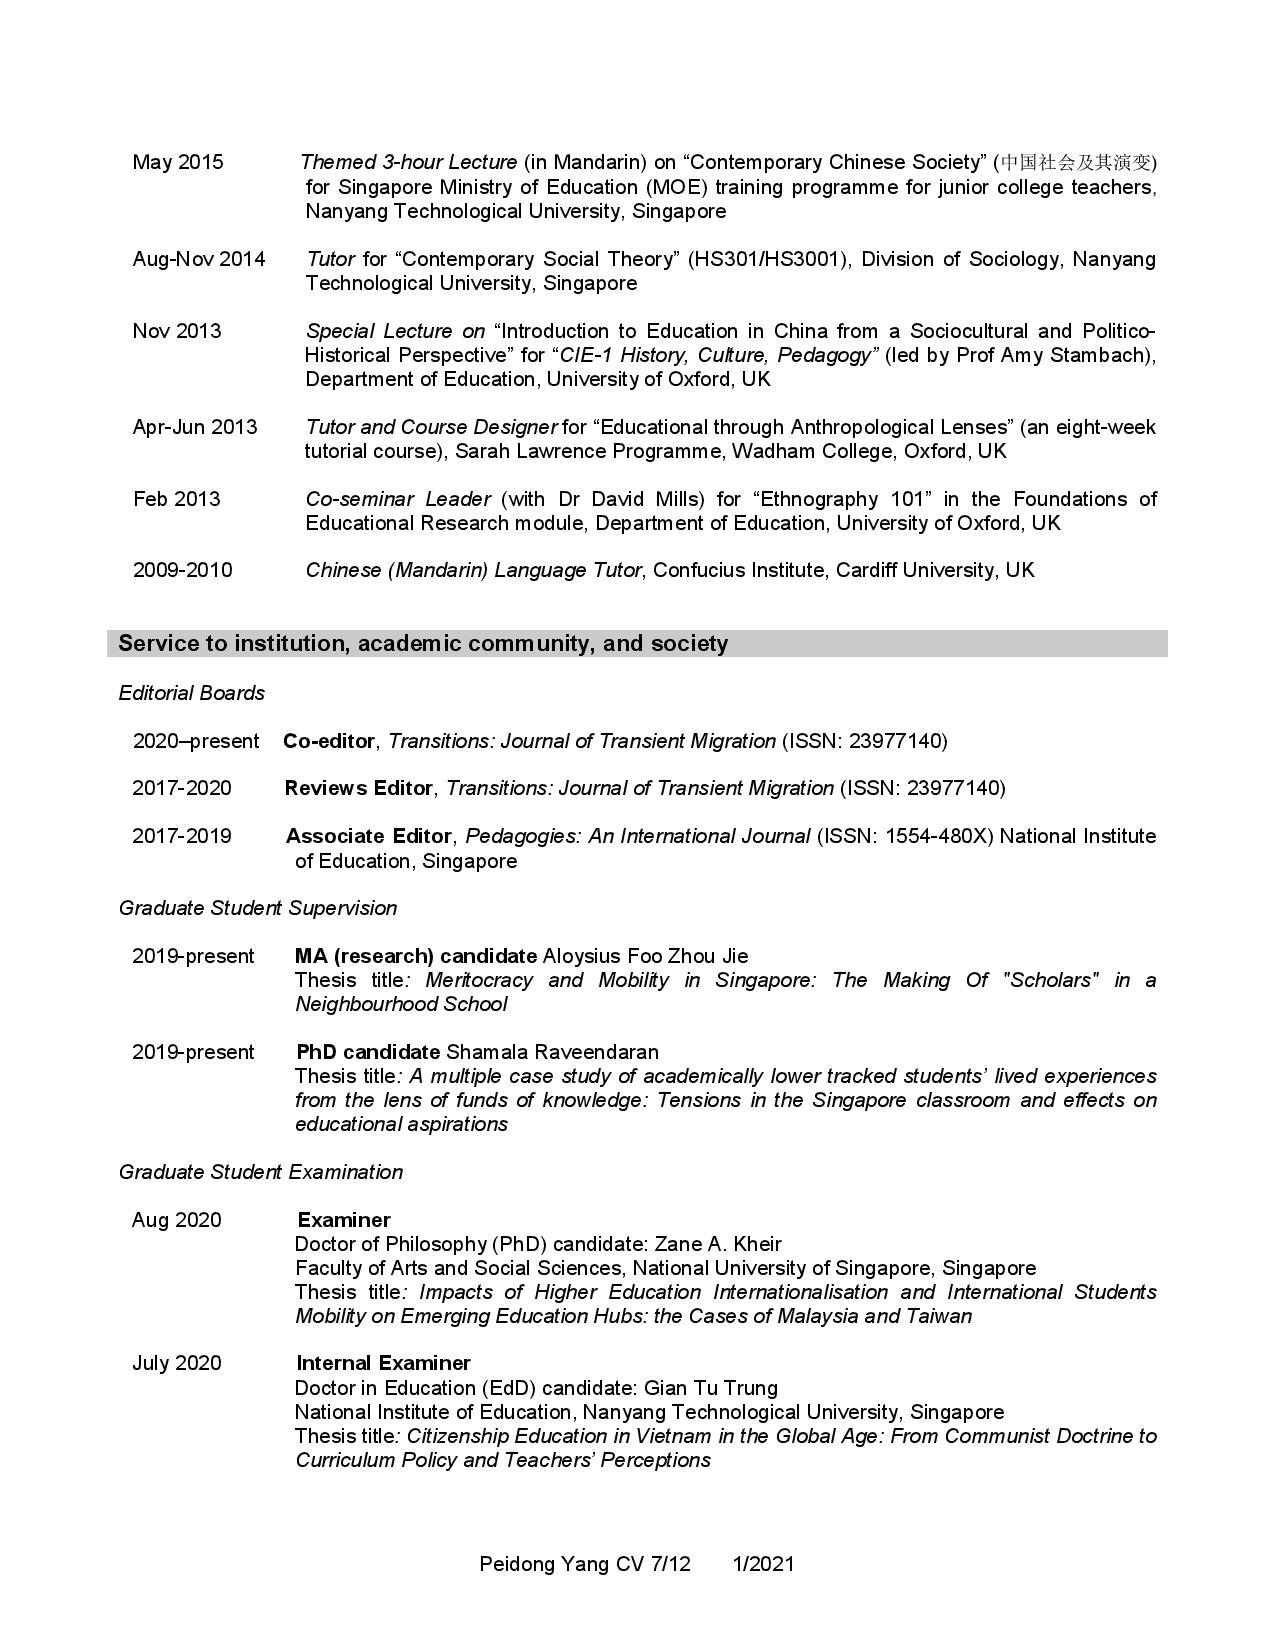 CV YANG Peidong_1.2021-page-007